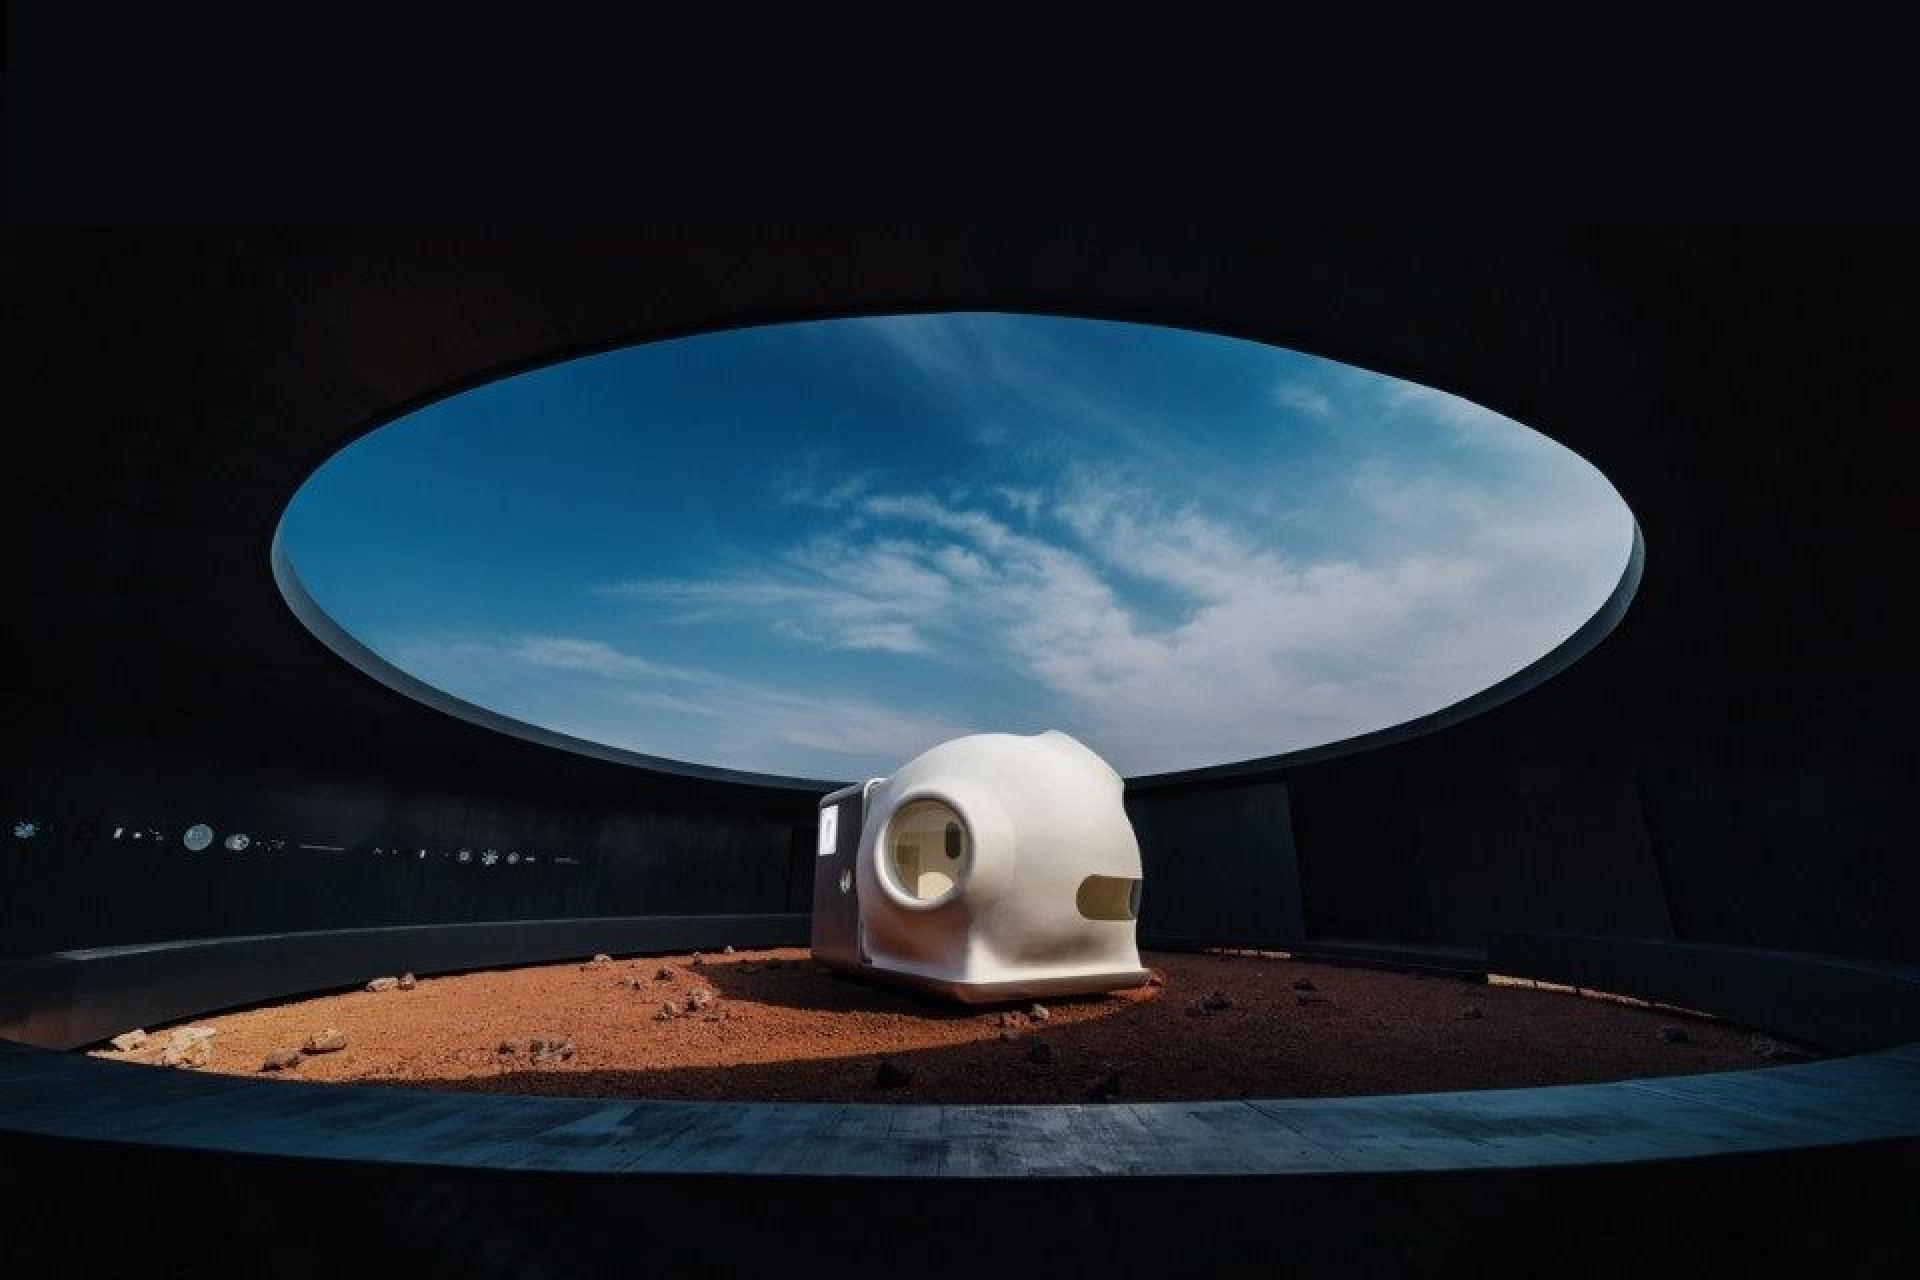 Será esta casa minimalista a casa do futuro em Marte?